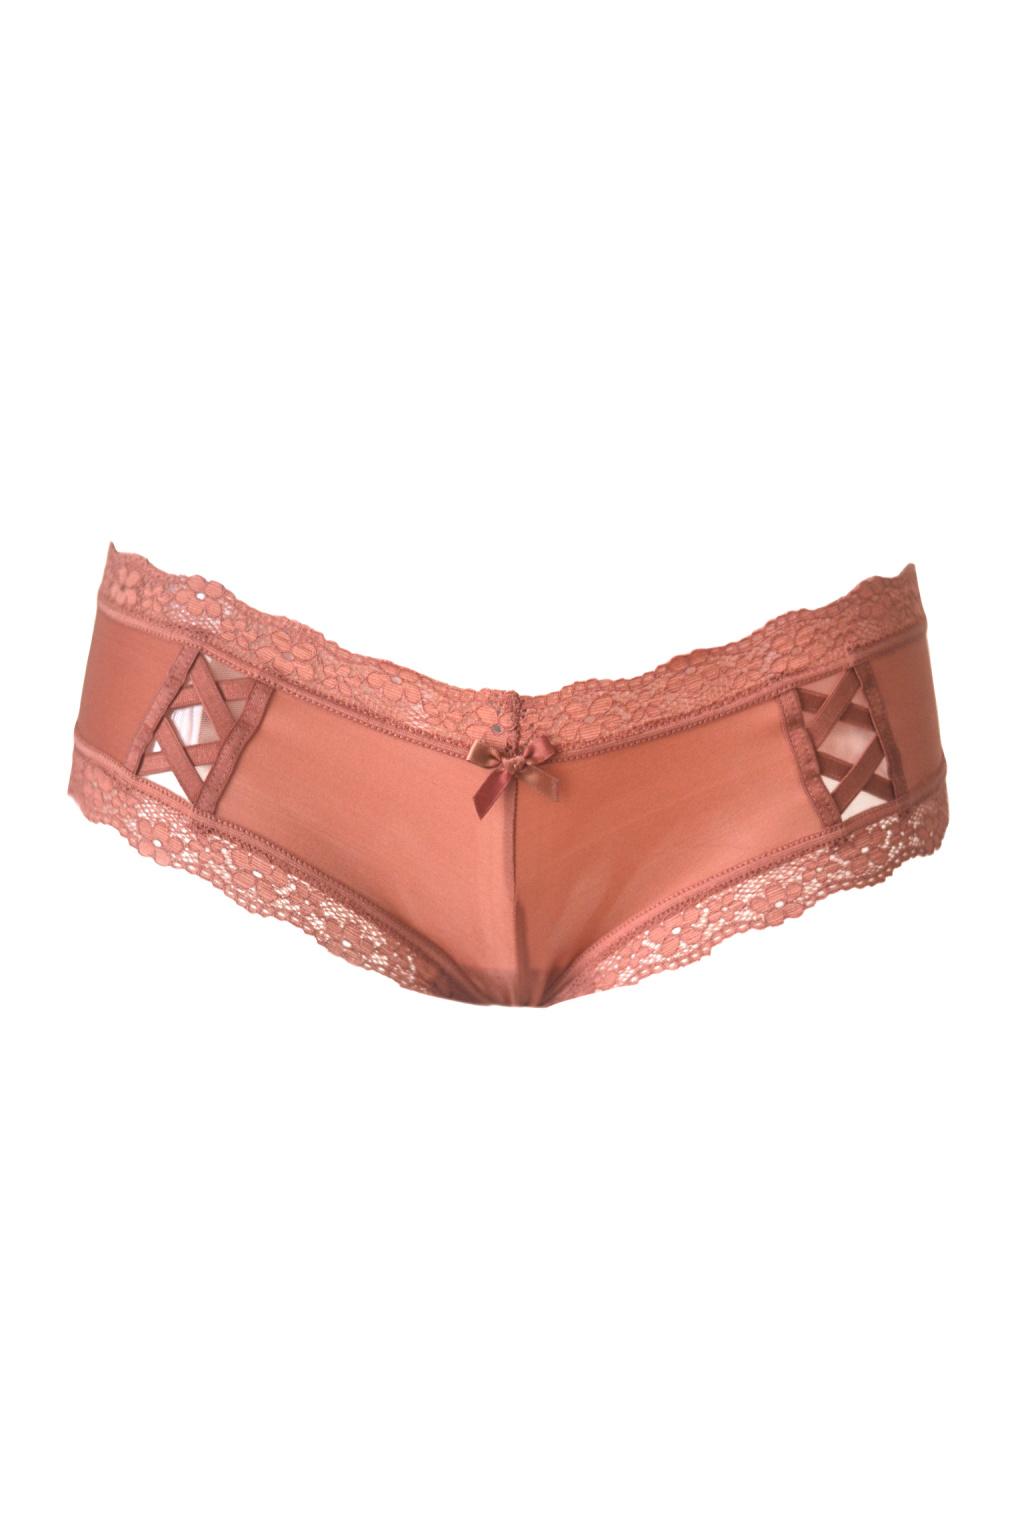 Luxusní kalhotky lace up cheeky panty – sparkling blush